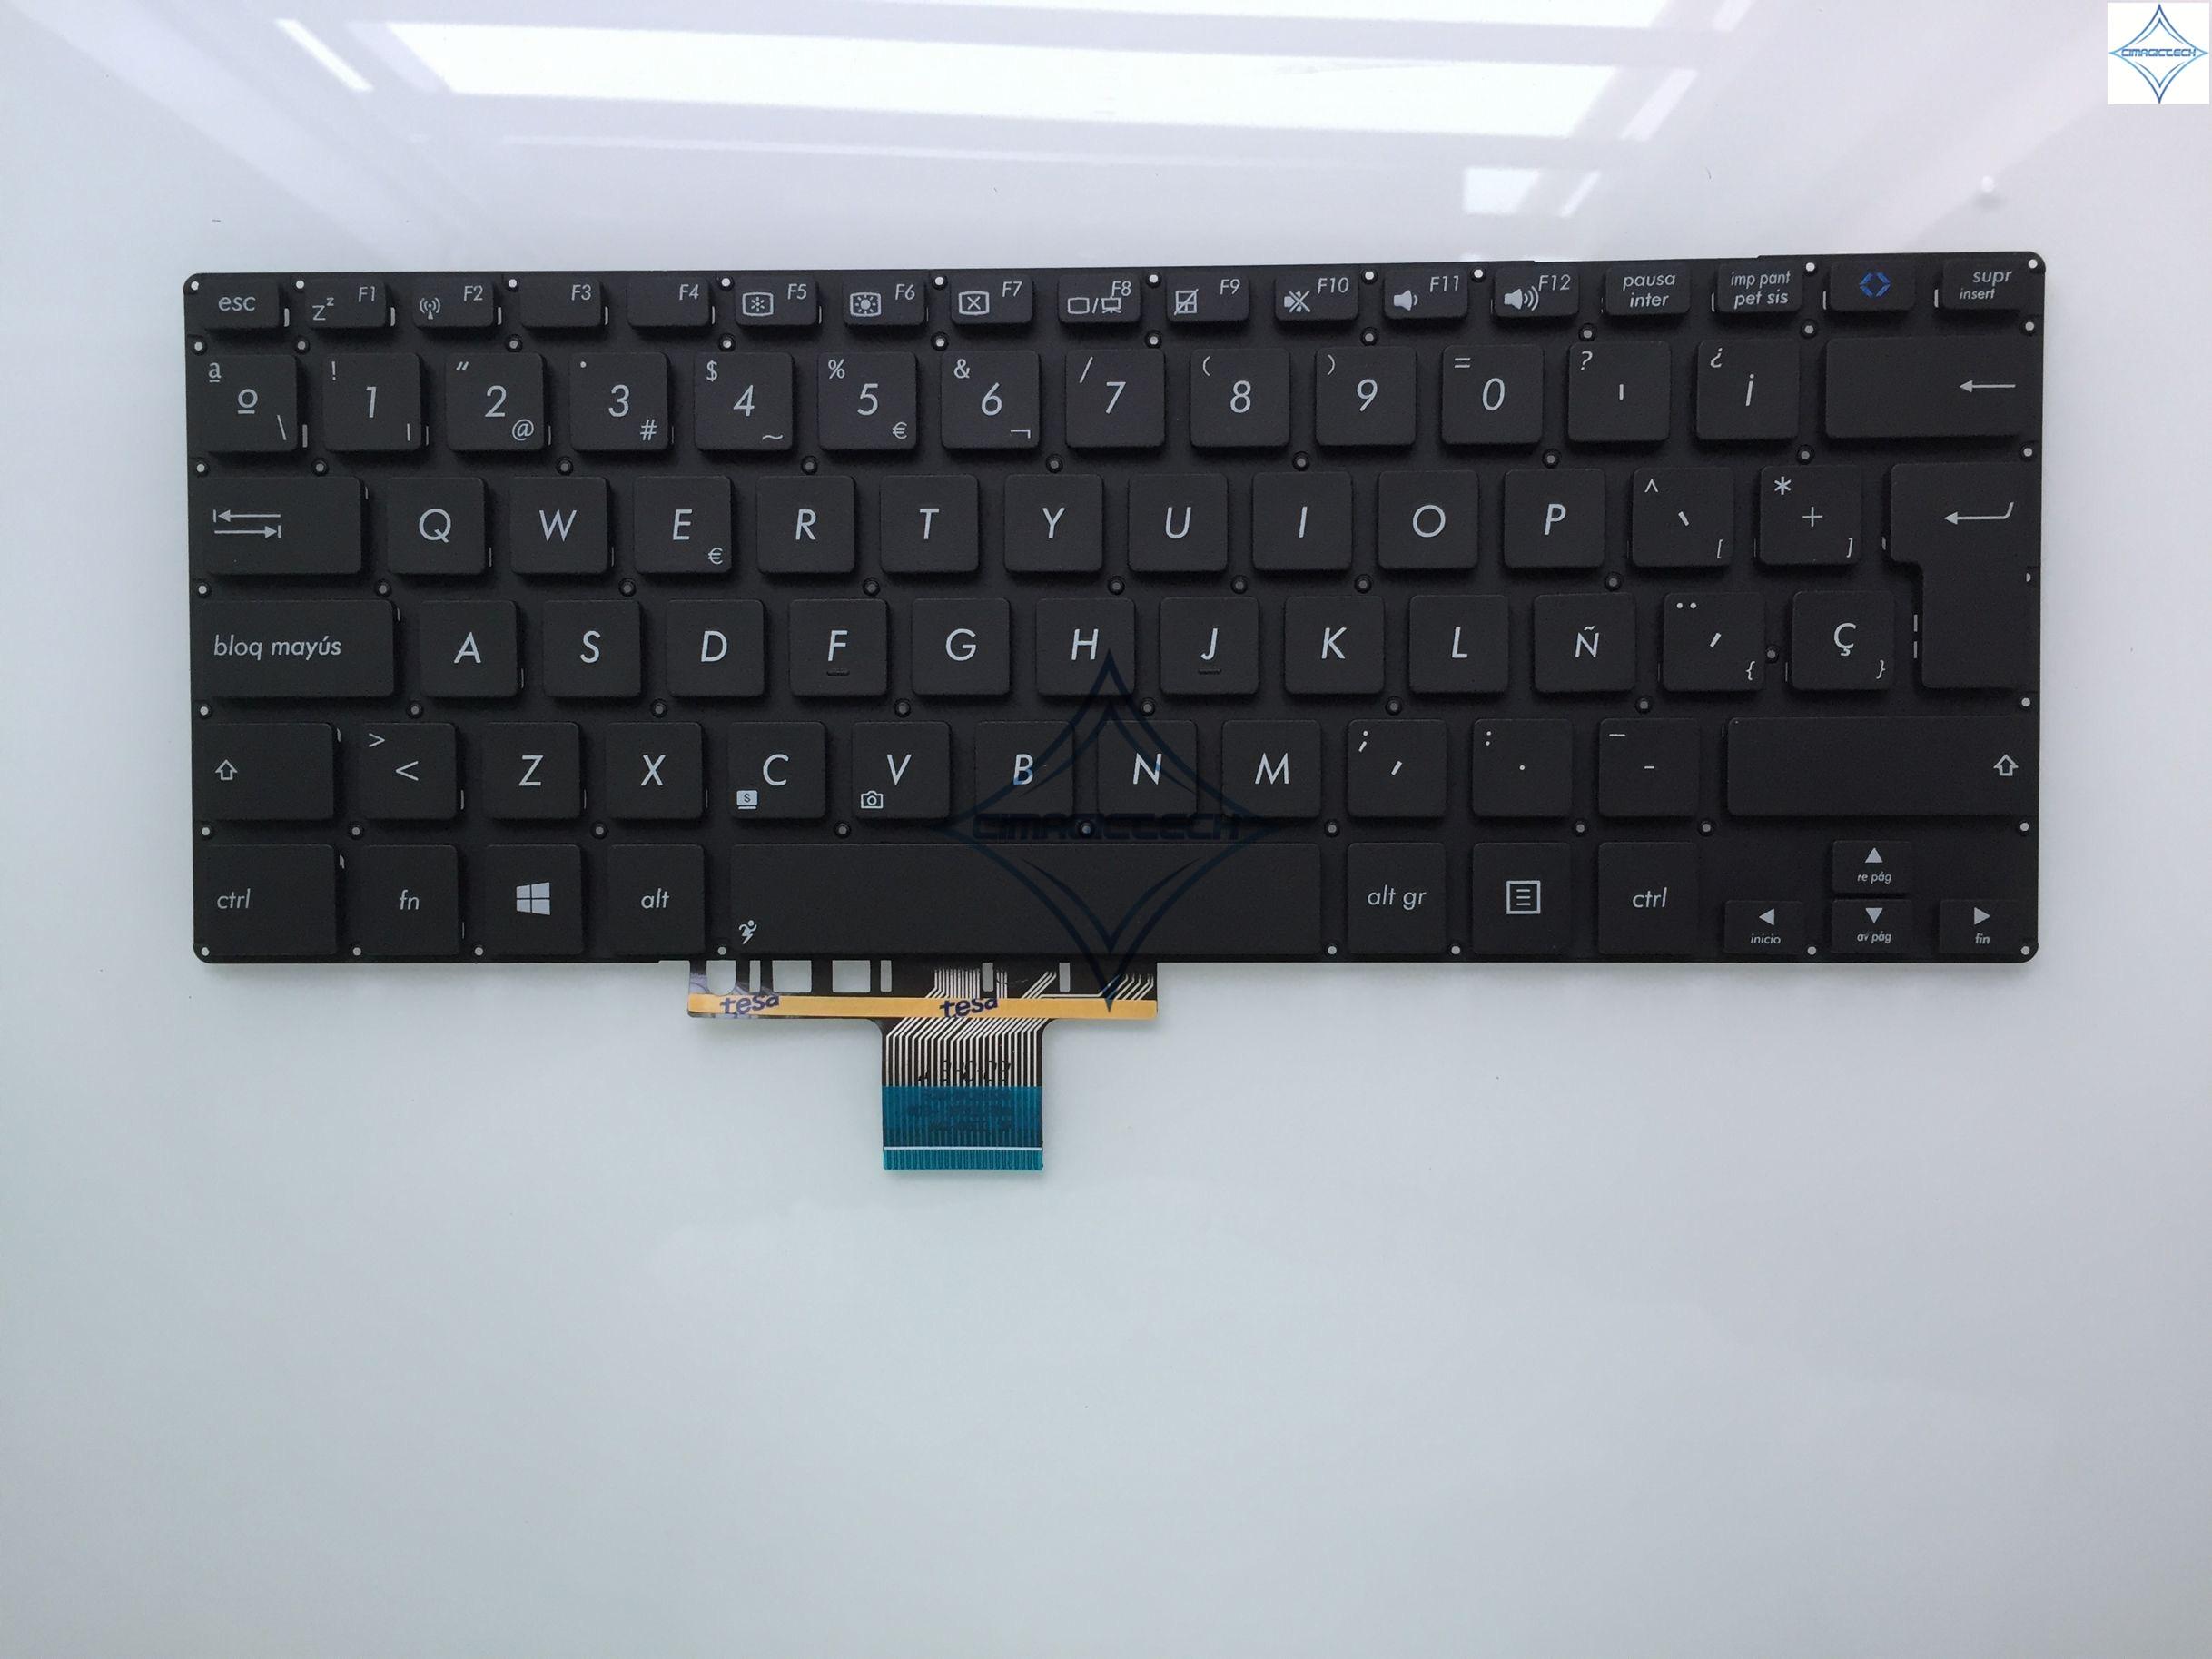 جديد ل ASUS Q301 Q301A Q301L Q301LP Q301LA S301 V301 V301LP S301LA S301LP V301 la اللاتينية SP الإسبانية teclado